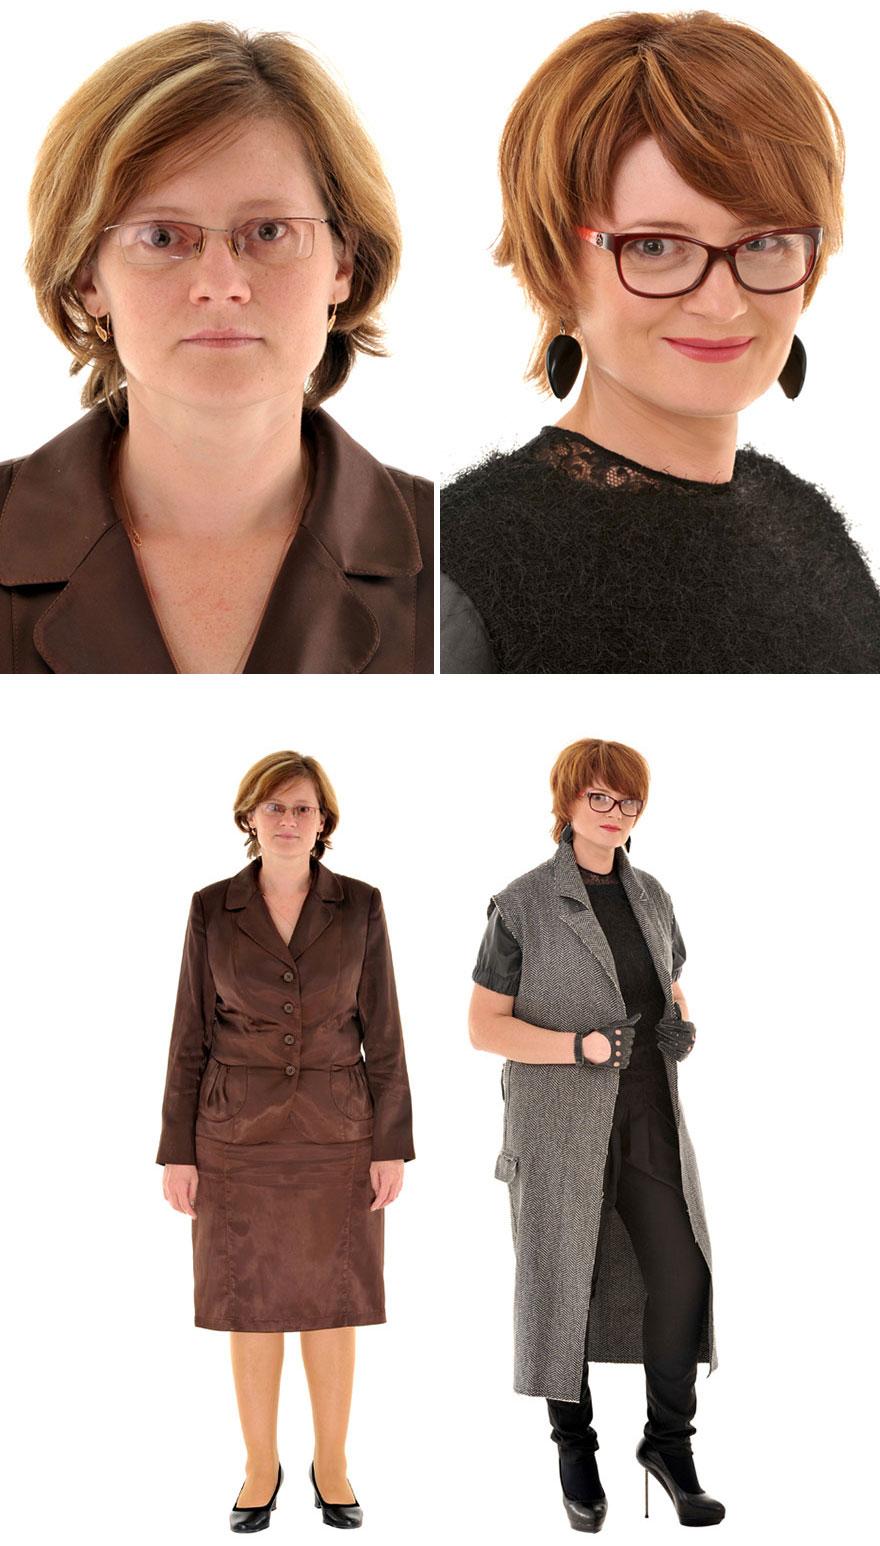 fotos-antes-despues-mujeres-cambio-estilo-bogomolov-3